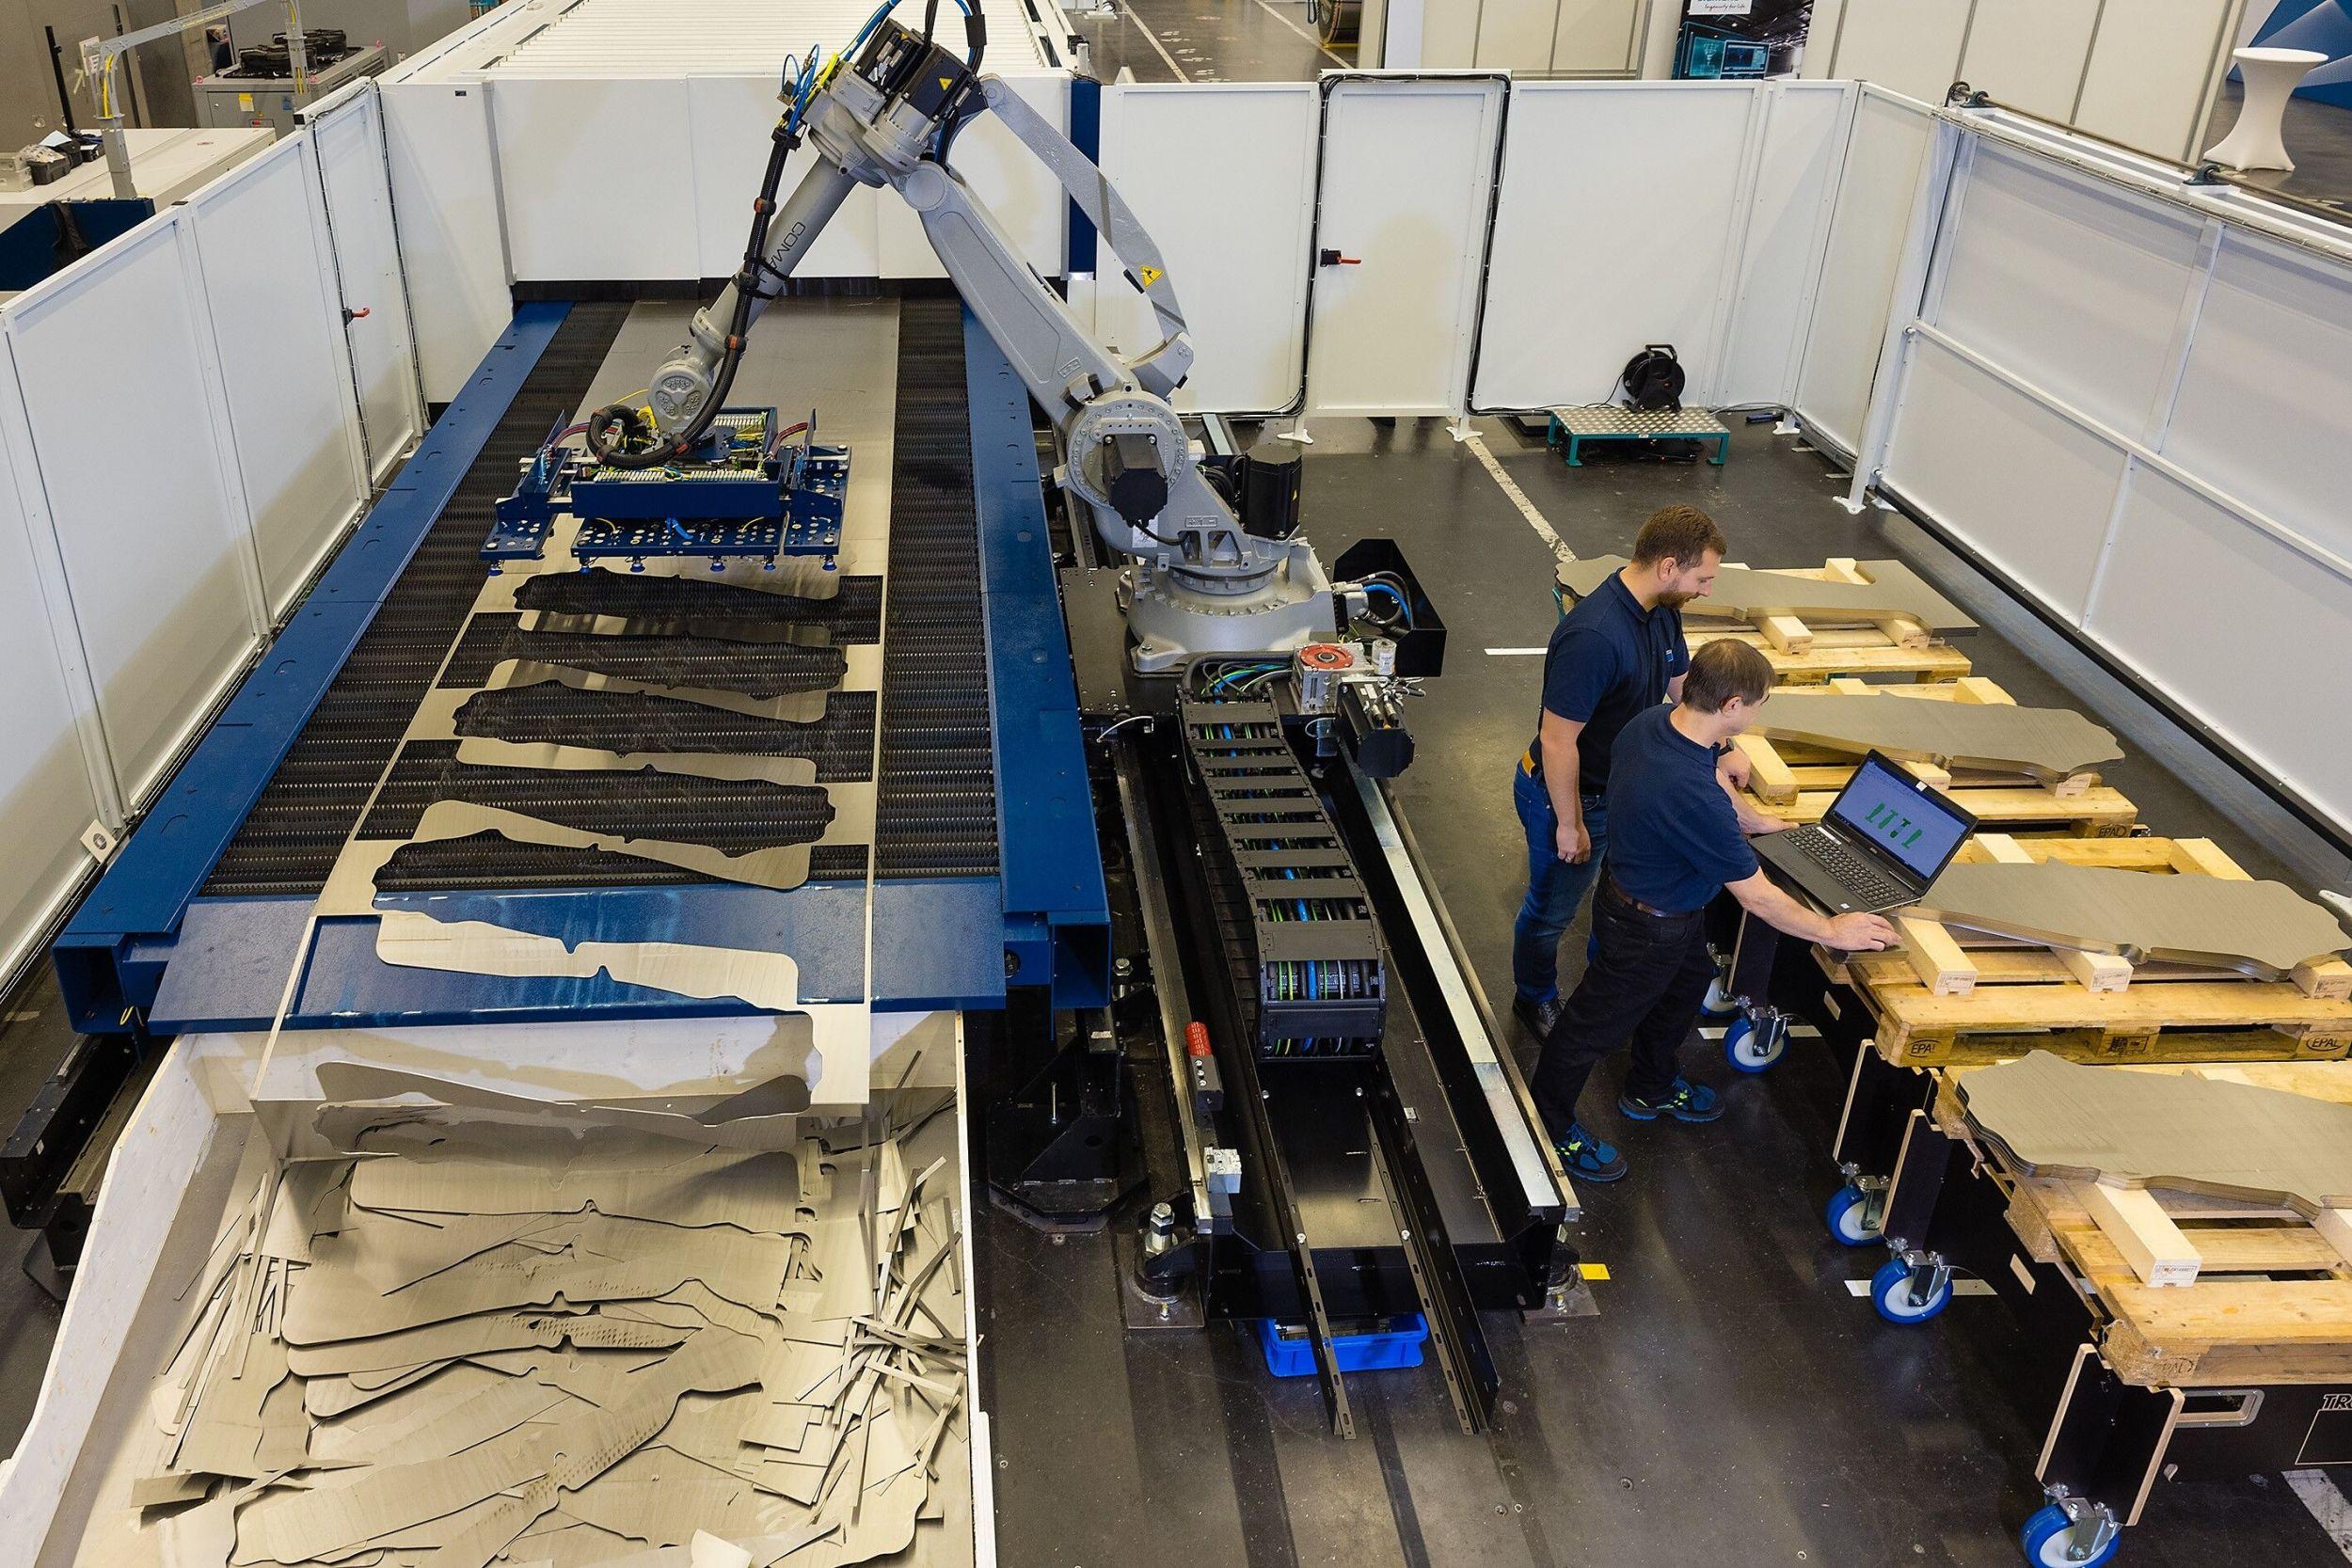 Blechverarbeitungsanlage mit Handling-Roboter